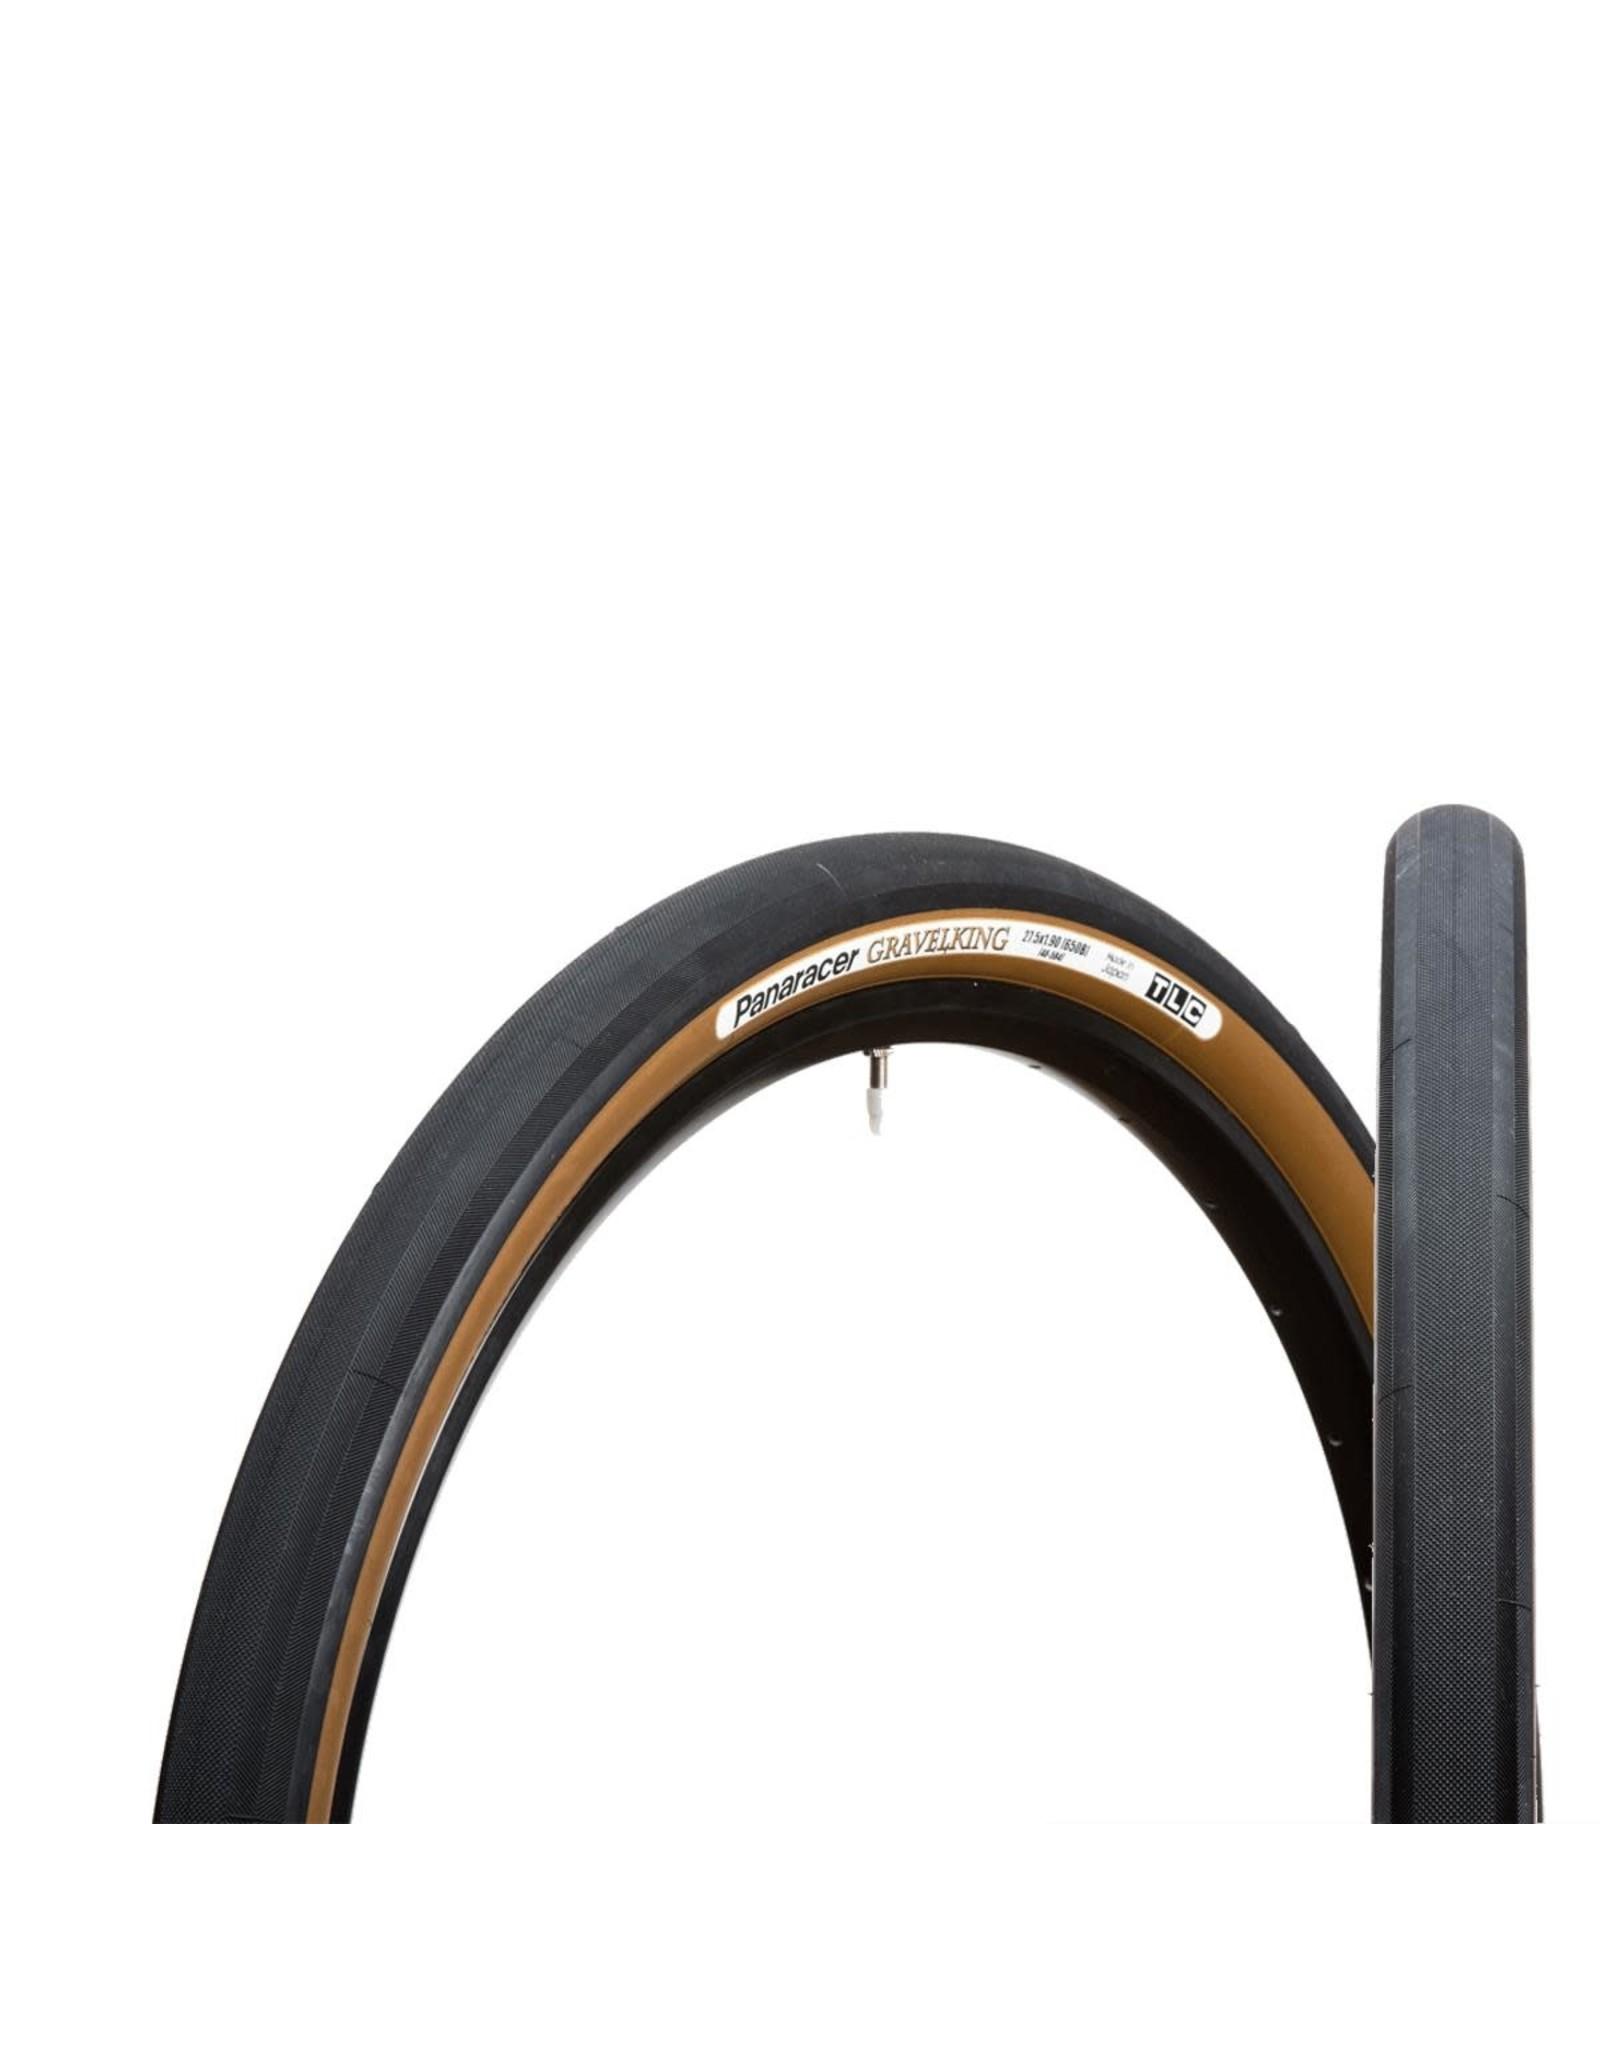 Panaracer Tyre Gravelking Fld Brn 700 x 35